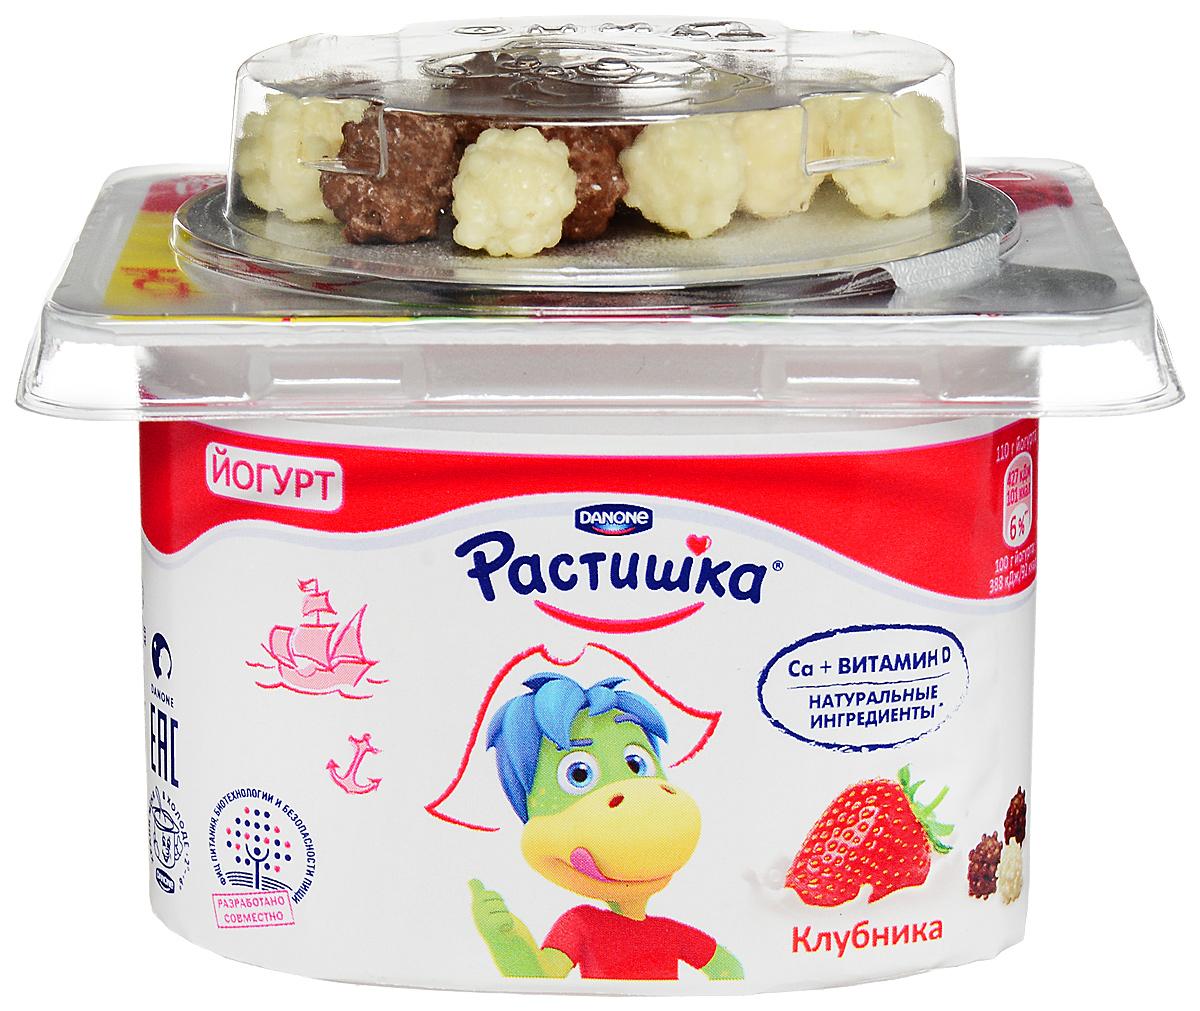 Йогурт Растишка Клубника со злаковым драже в шоколаде, 3%, 115 г122169Йогурт Растишка Клубника со злаковым драже в шоколаде рекомендуется для детей старше 3 лет. В продукте только натуральные ингредиенты плюс кальций и витамин D3, необходимые для здорового роста и развития малыша. Драже (топпер под крышечкой) сделаны из рисовой и пшеничной муки и покрыты сверху белым и молочным шоколадом. Необычный формат позволяет детям самим решать, смешивать йогурт с печеньем или есть отдельно.